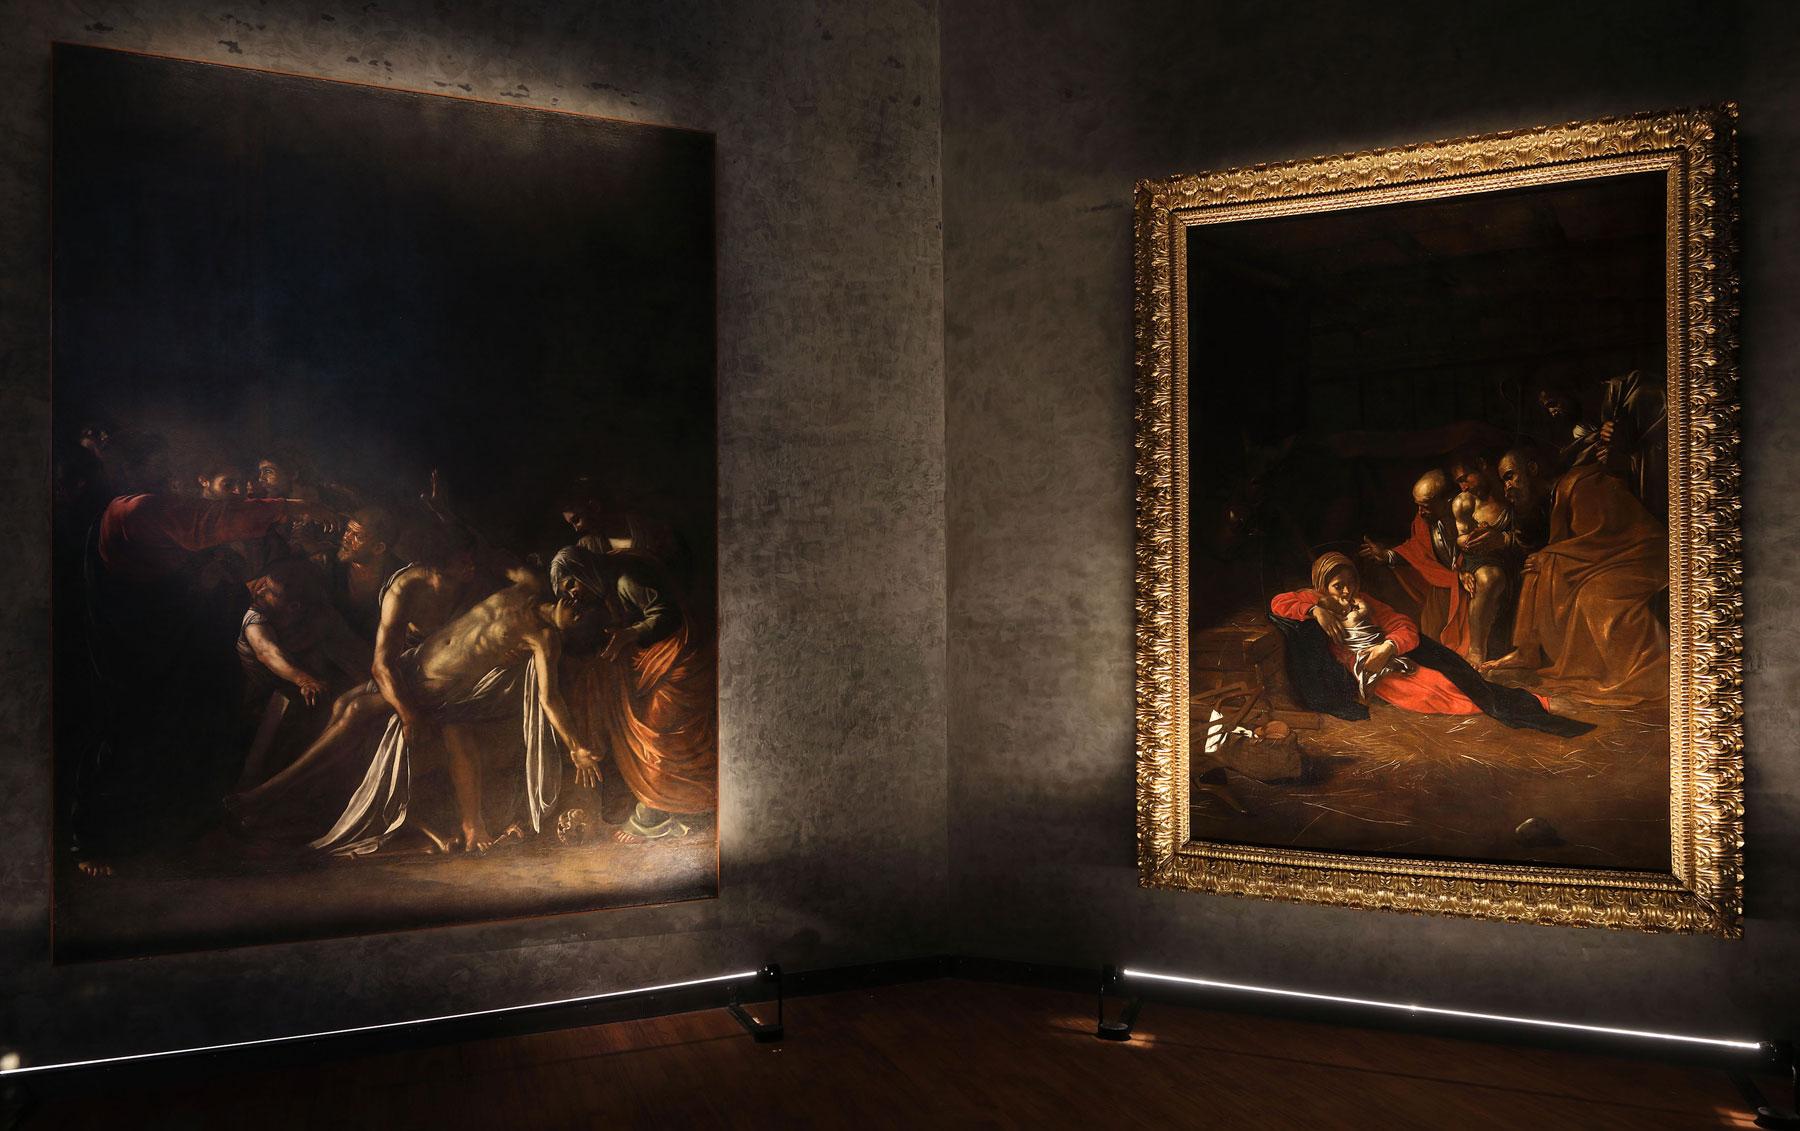 Sala Caravaggio, a sinistra la Resurrezione di Lazzaro, a destra l'Adorazione dei Pastori. Ph. Credit Foto Parrinello